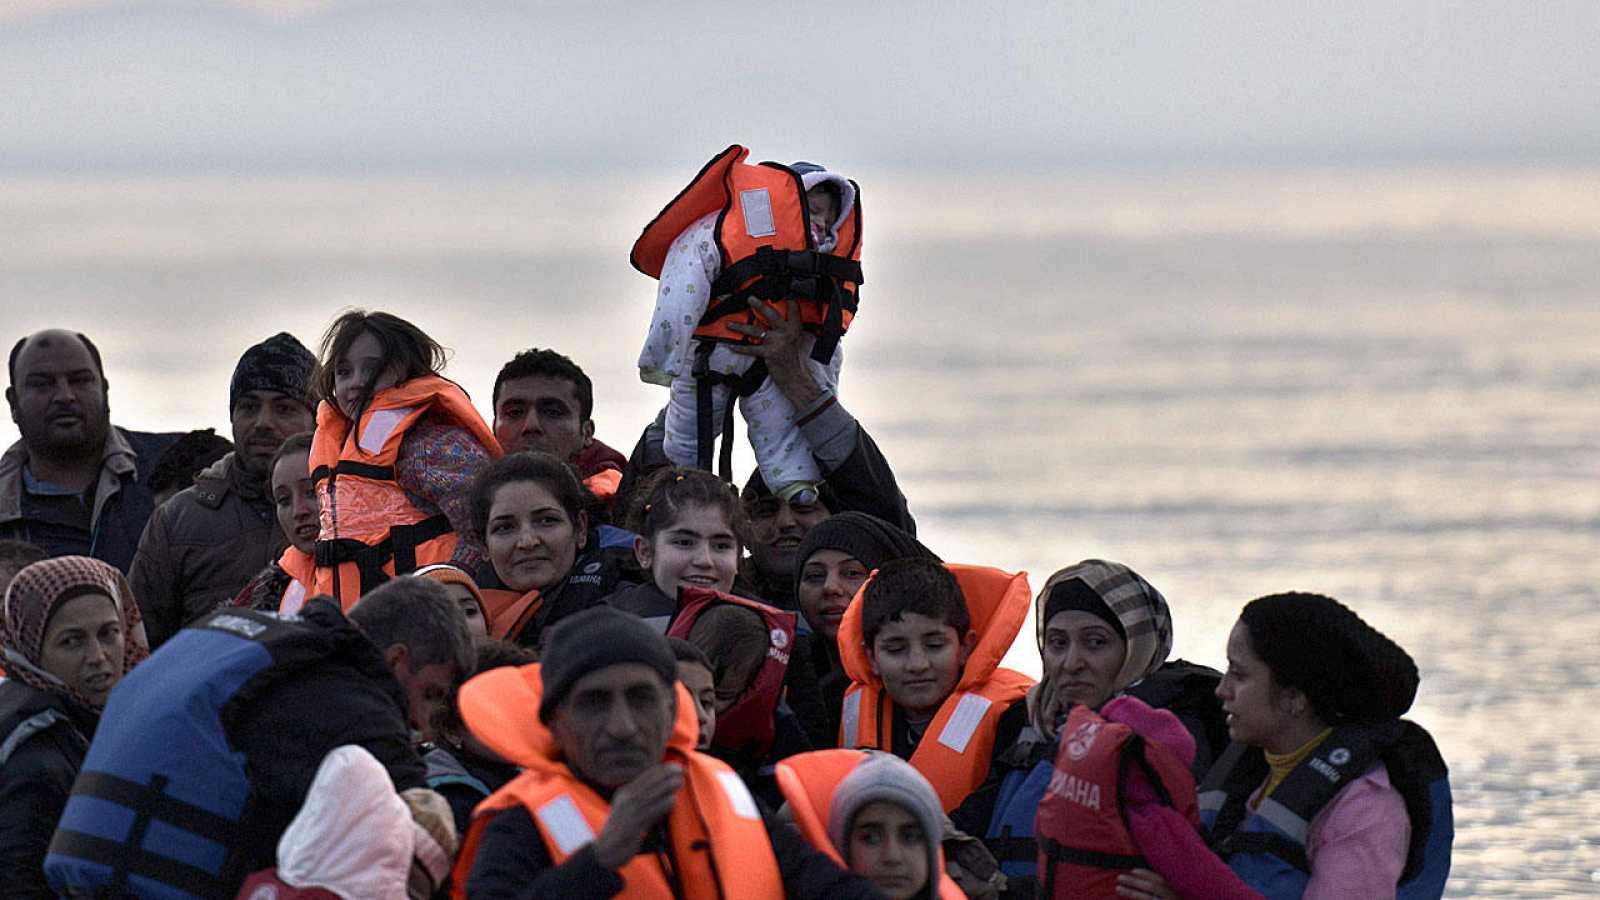 Una barcaza con refugiados y migrantes llega a la isla griega de Lesbos.